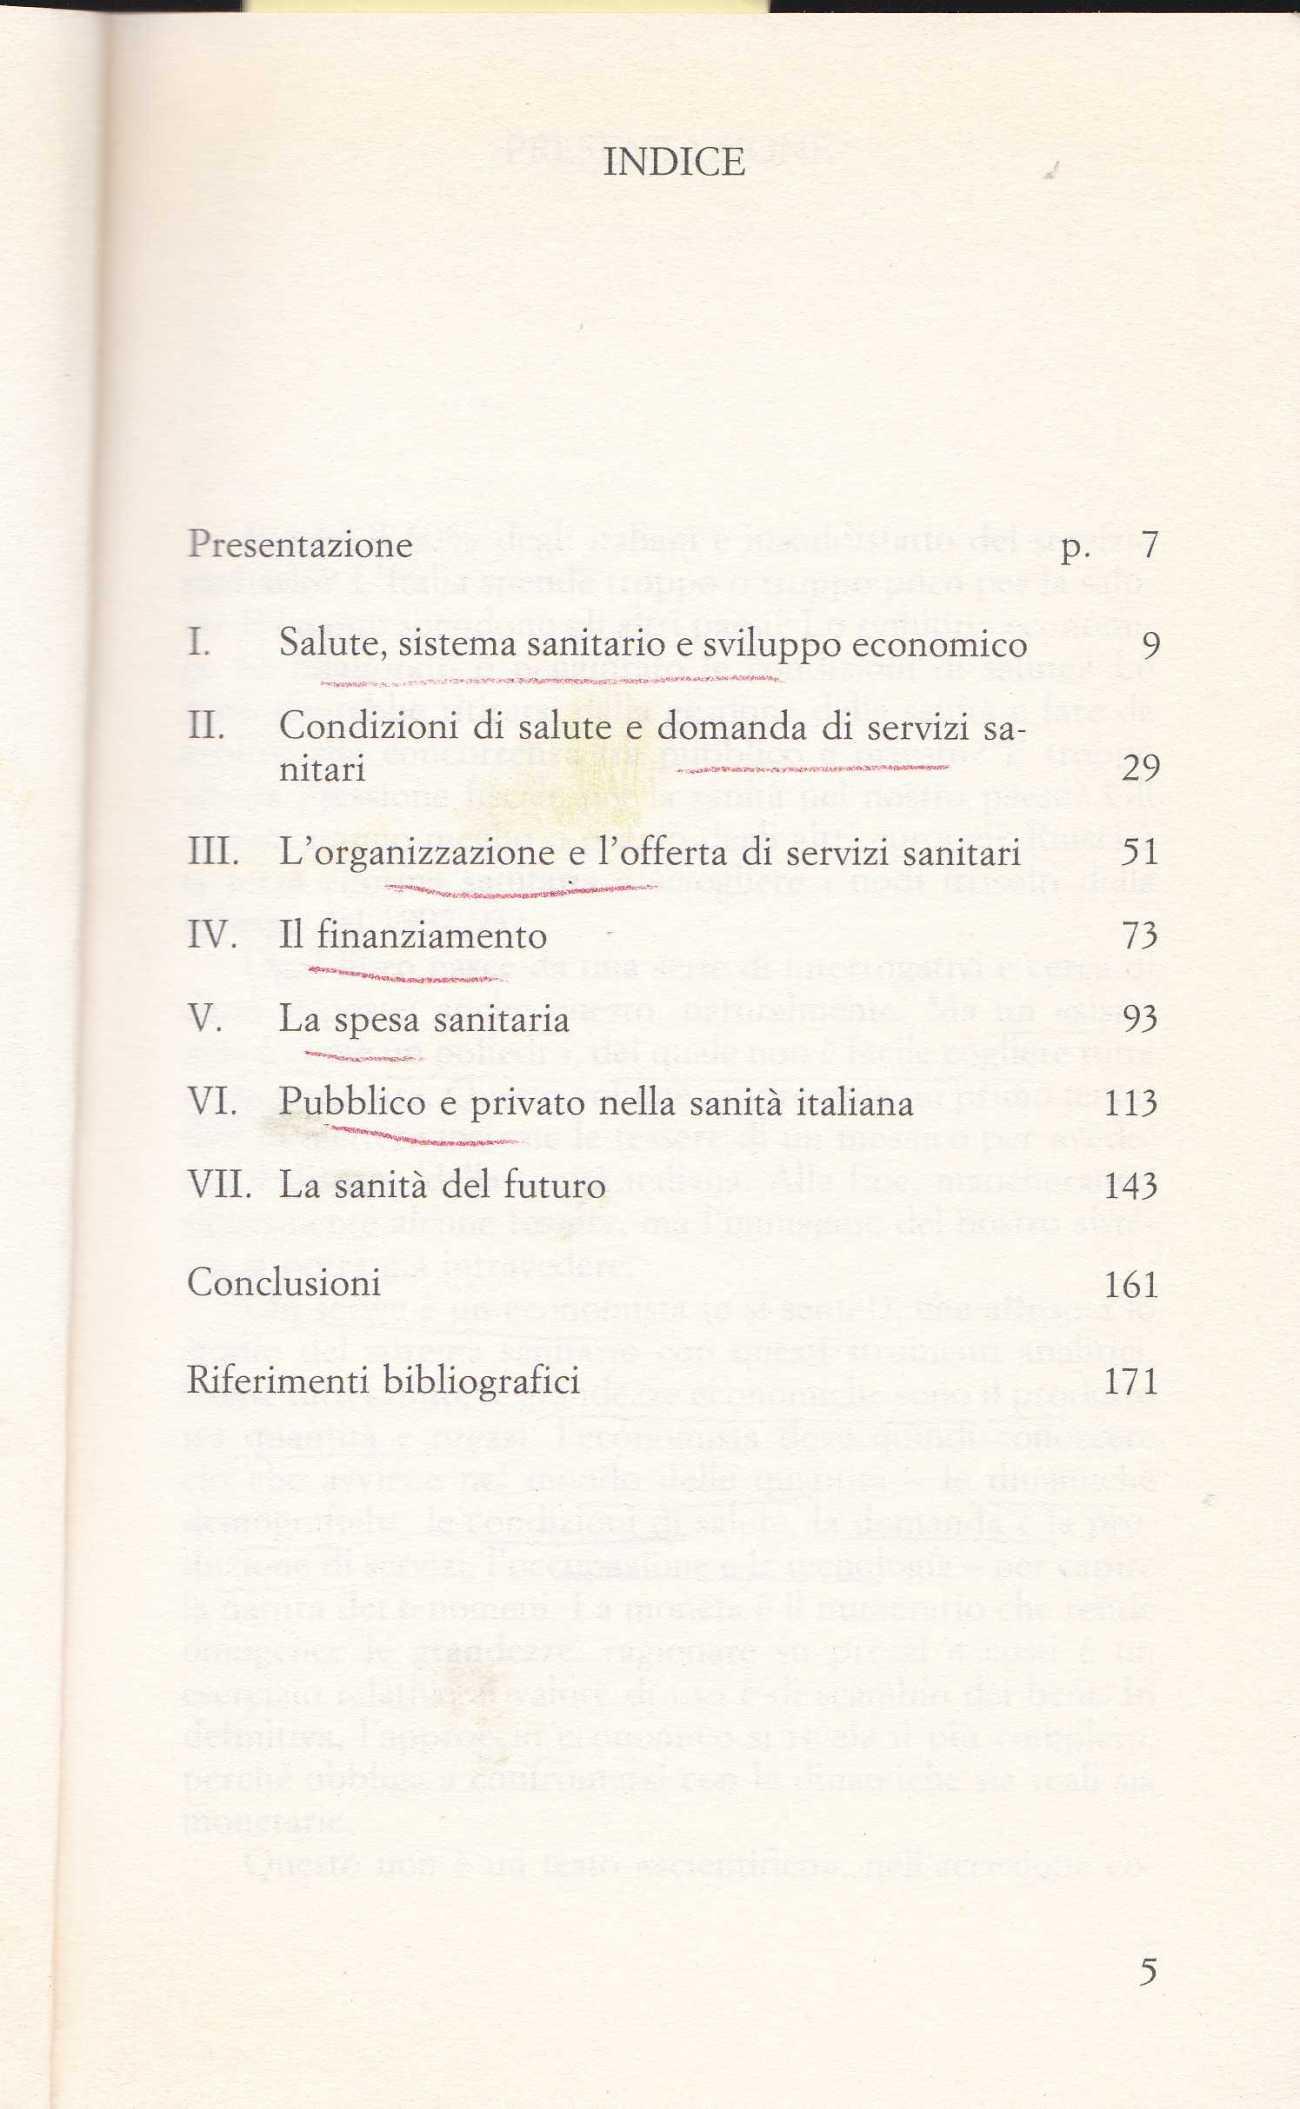 mapeklli1475